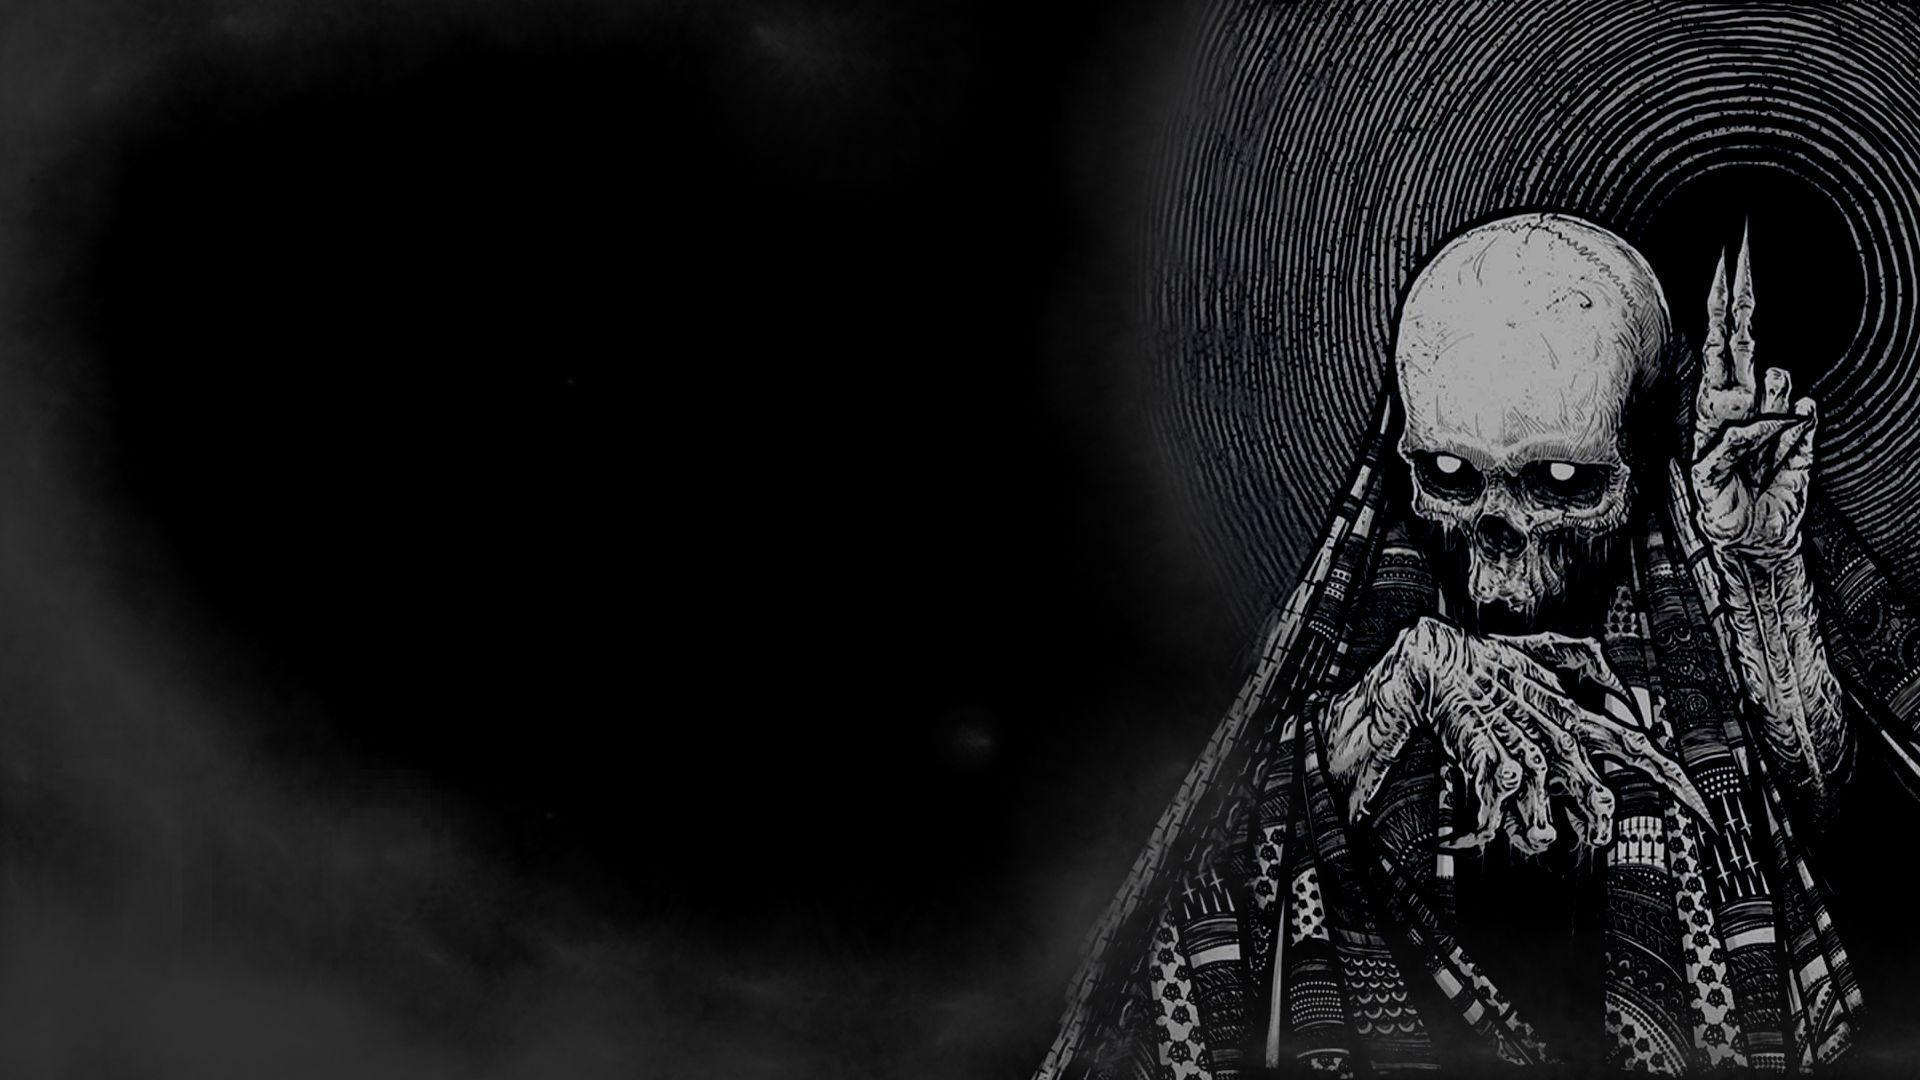 Dark Evil Wallpapers - Wallpaper Cave